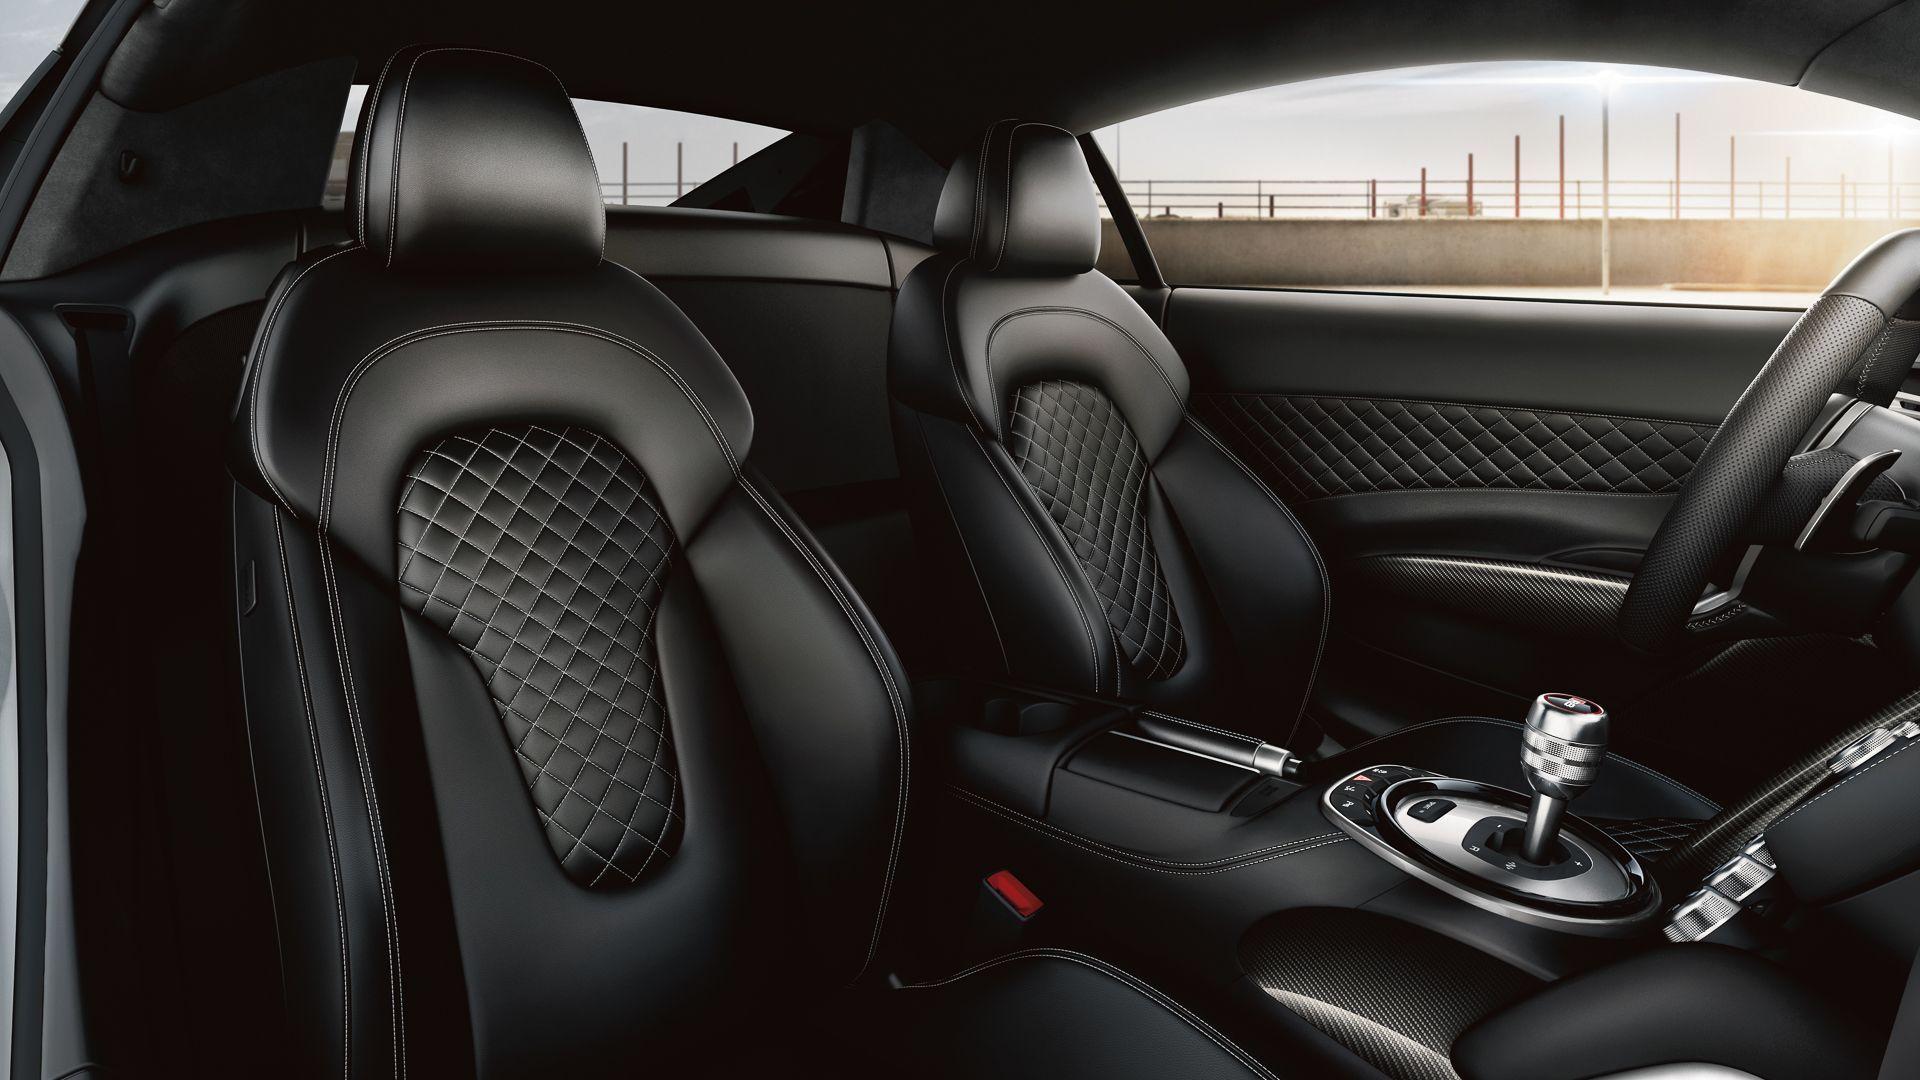 2015 audi r8 interior. 2015 audi r8 v10 coupe interior view wallpaper